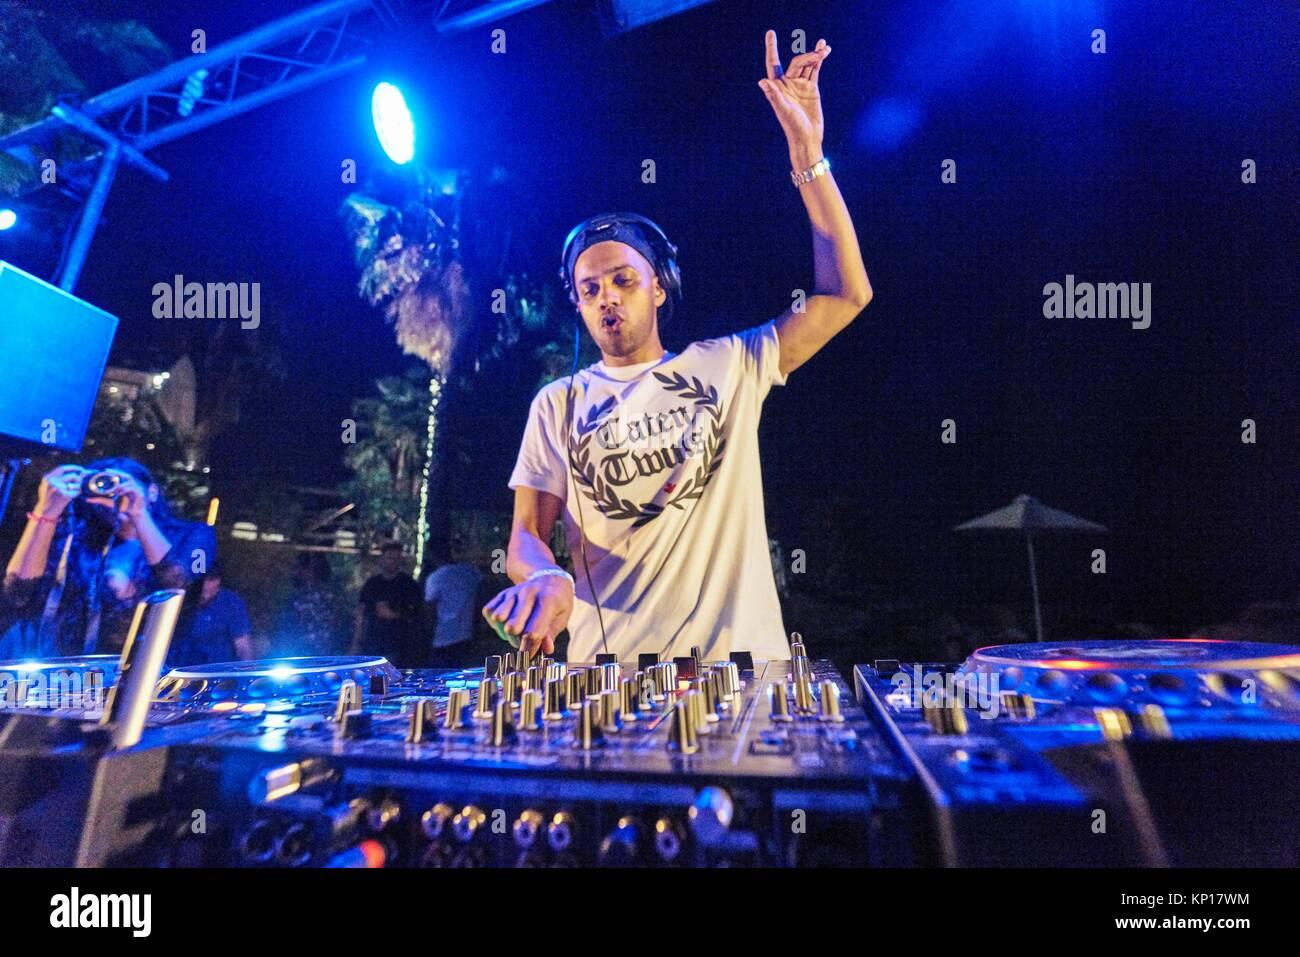 Les matières artistiques DJ jouant à Starbeach Beach Party le 04. Septembre 2017 Banque D'Images